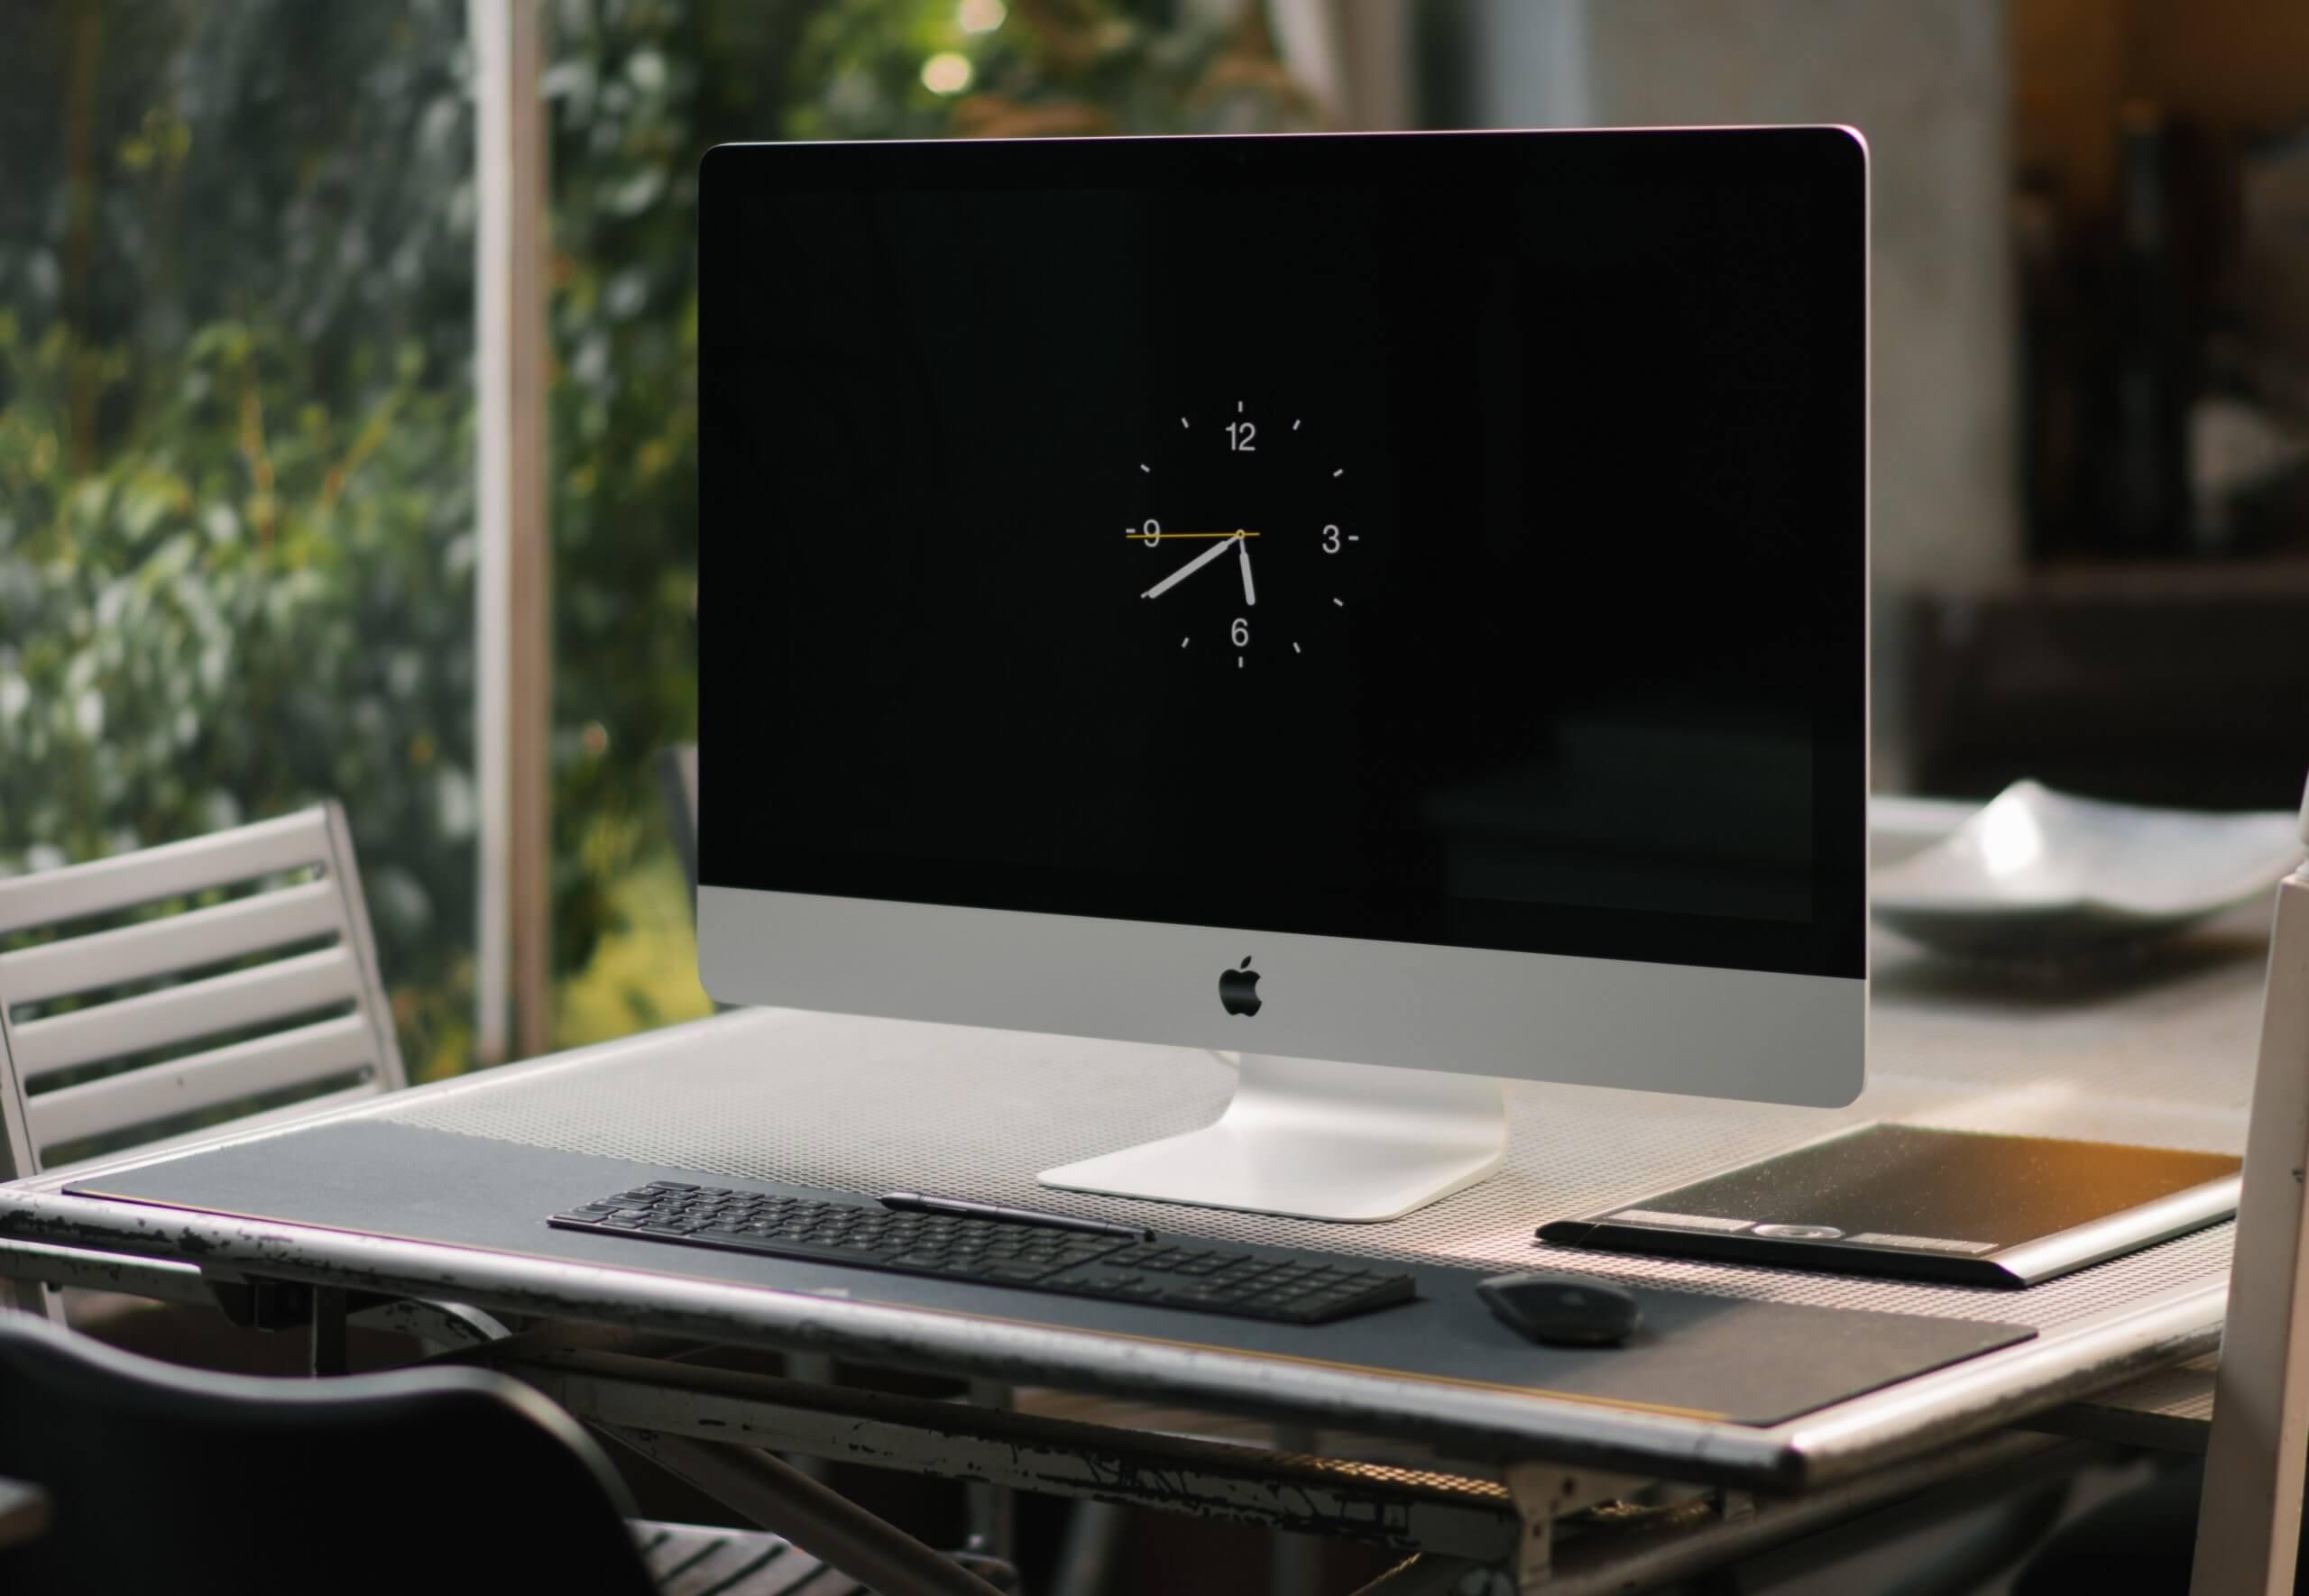 iMac-Launch nächste Woche? 21,5 Zoll-Modell teils mit ...